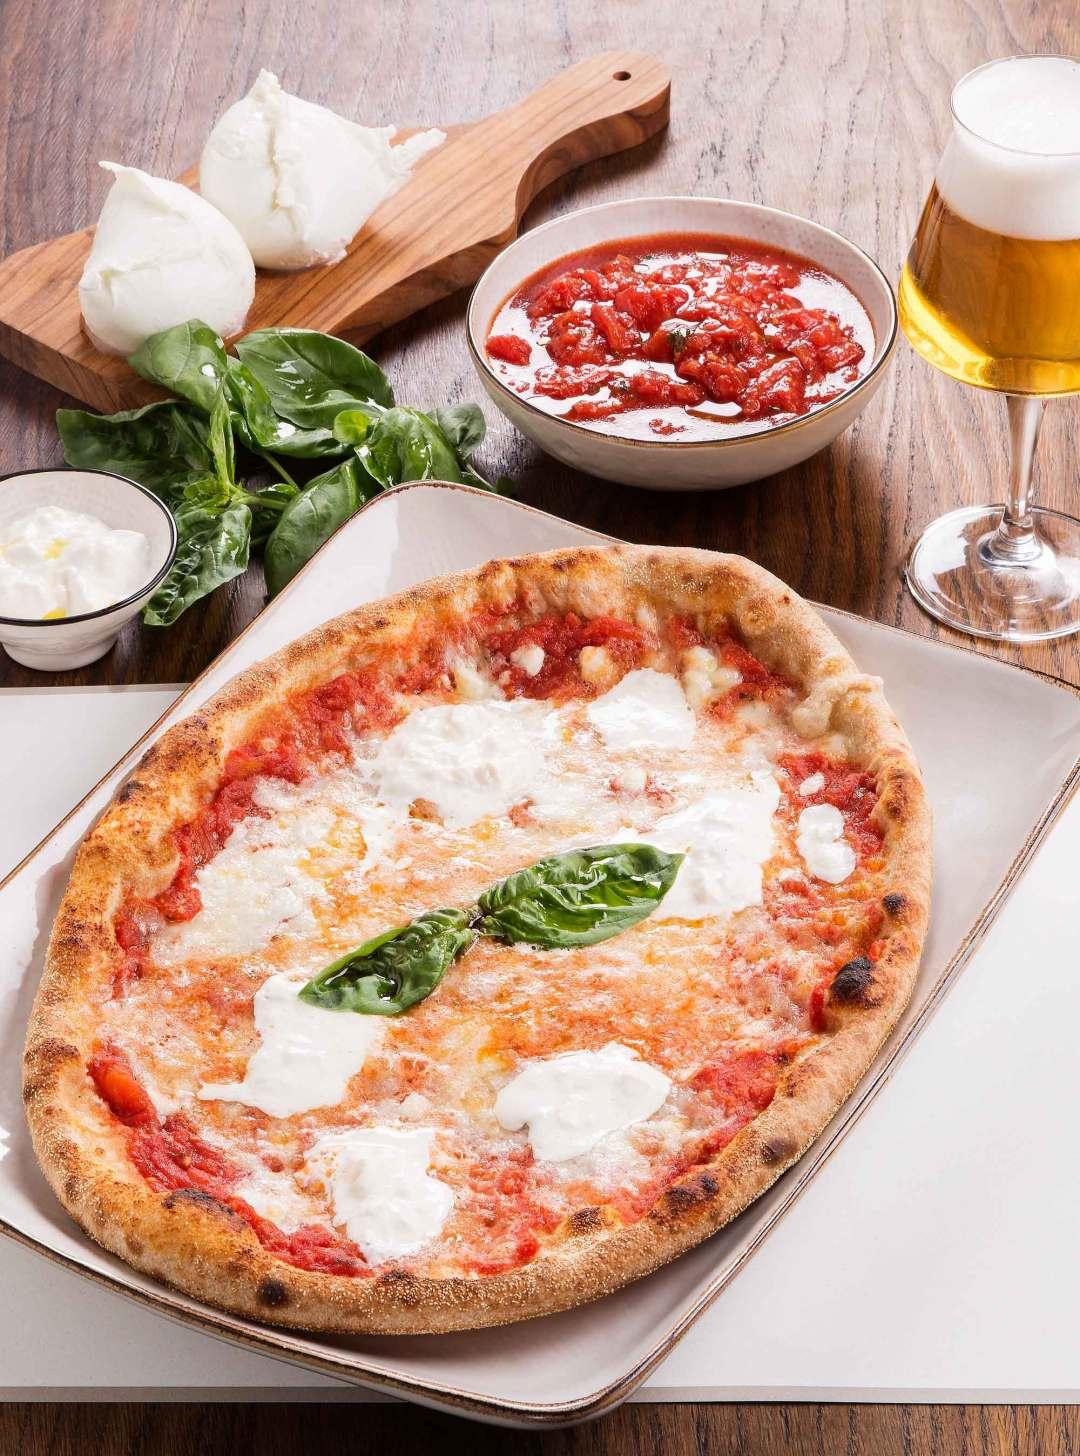 obica pizza pomodoro